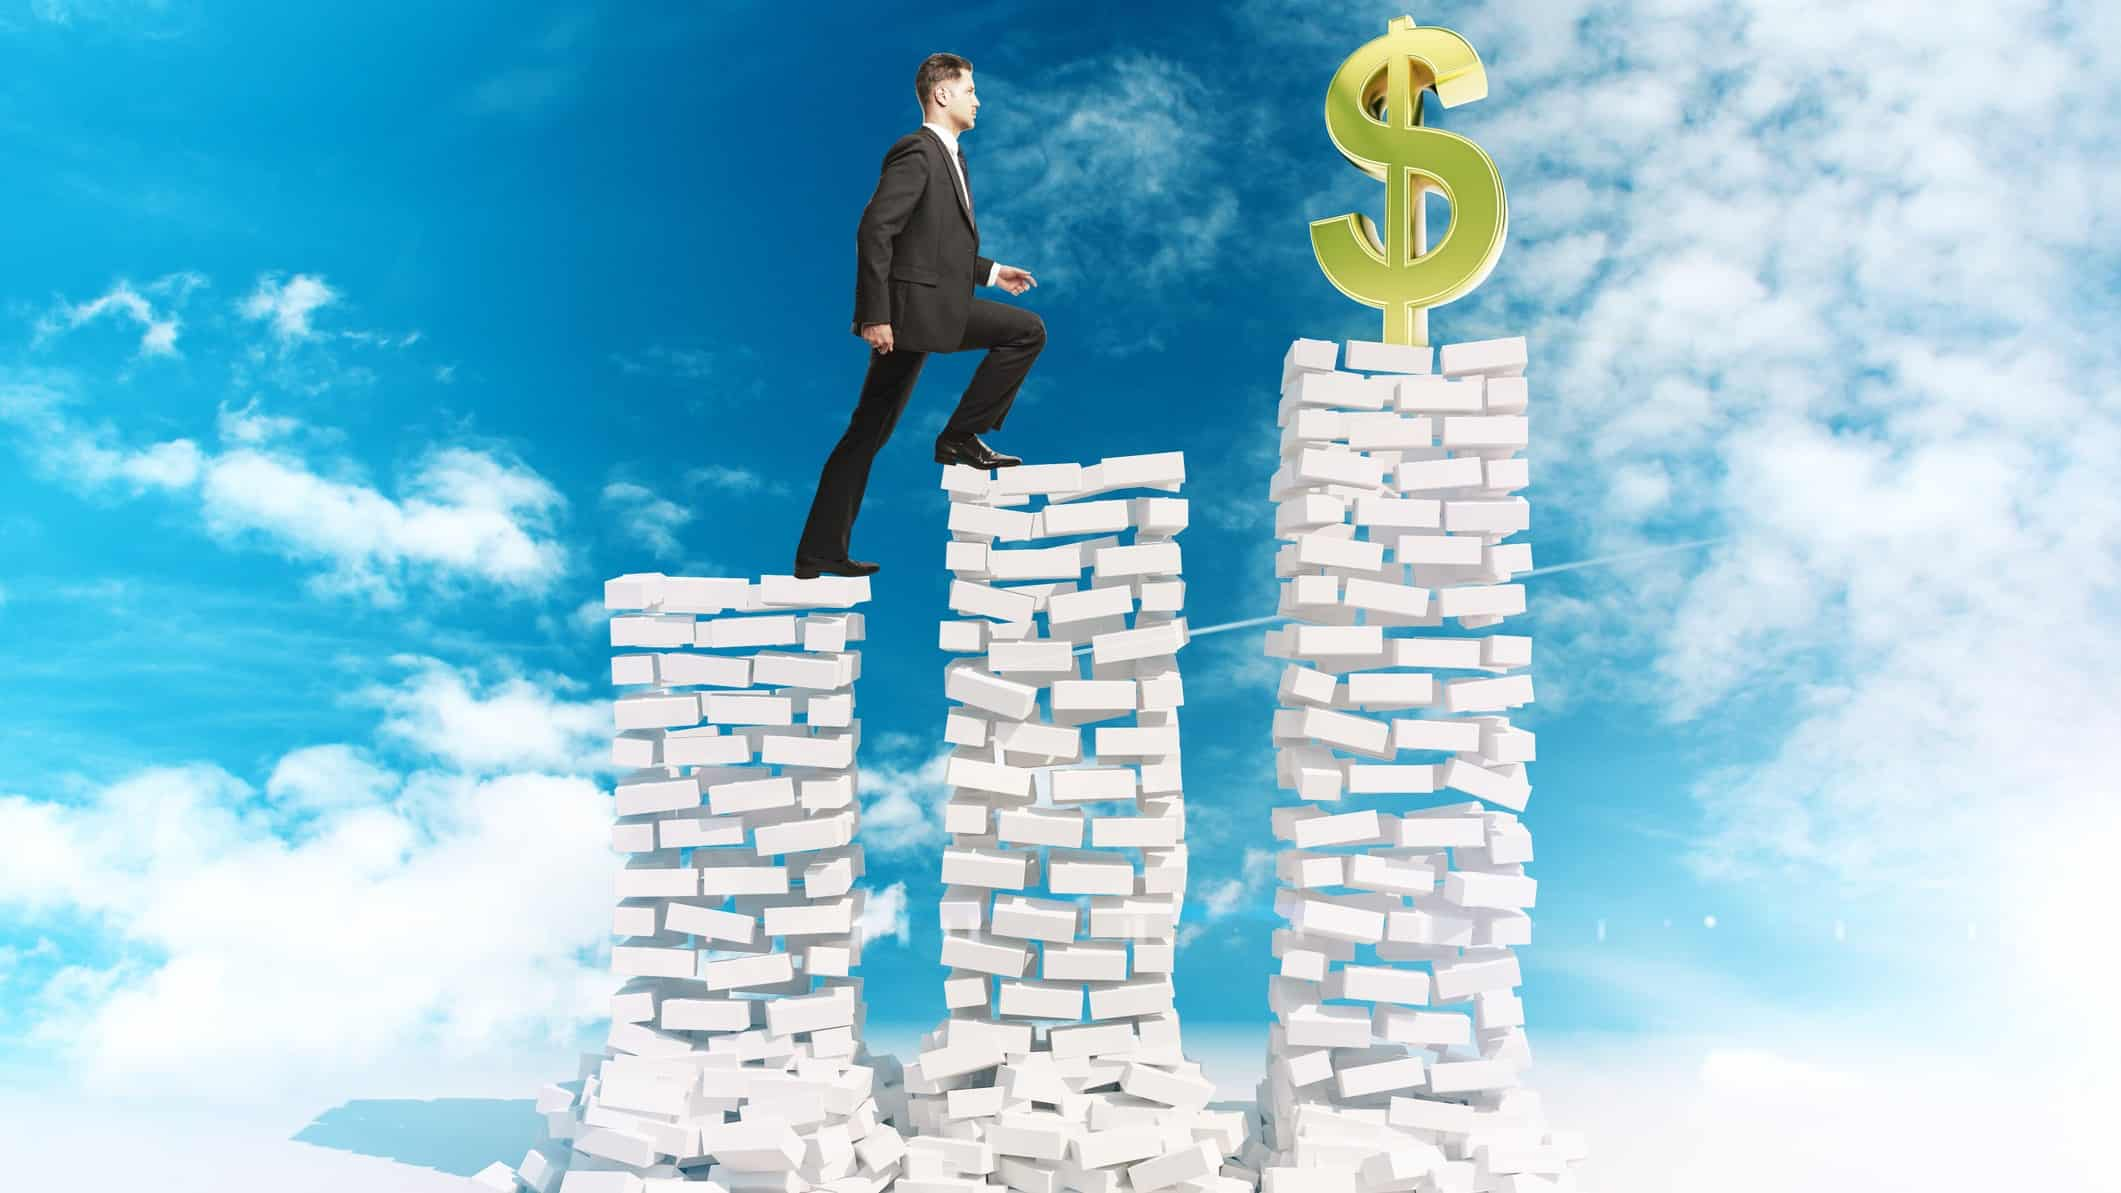 man walking up 3 brick pillars to dollar sign